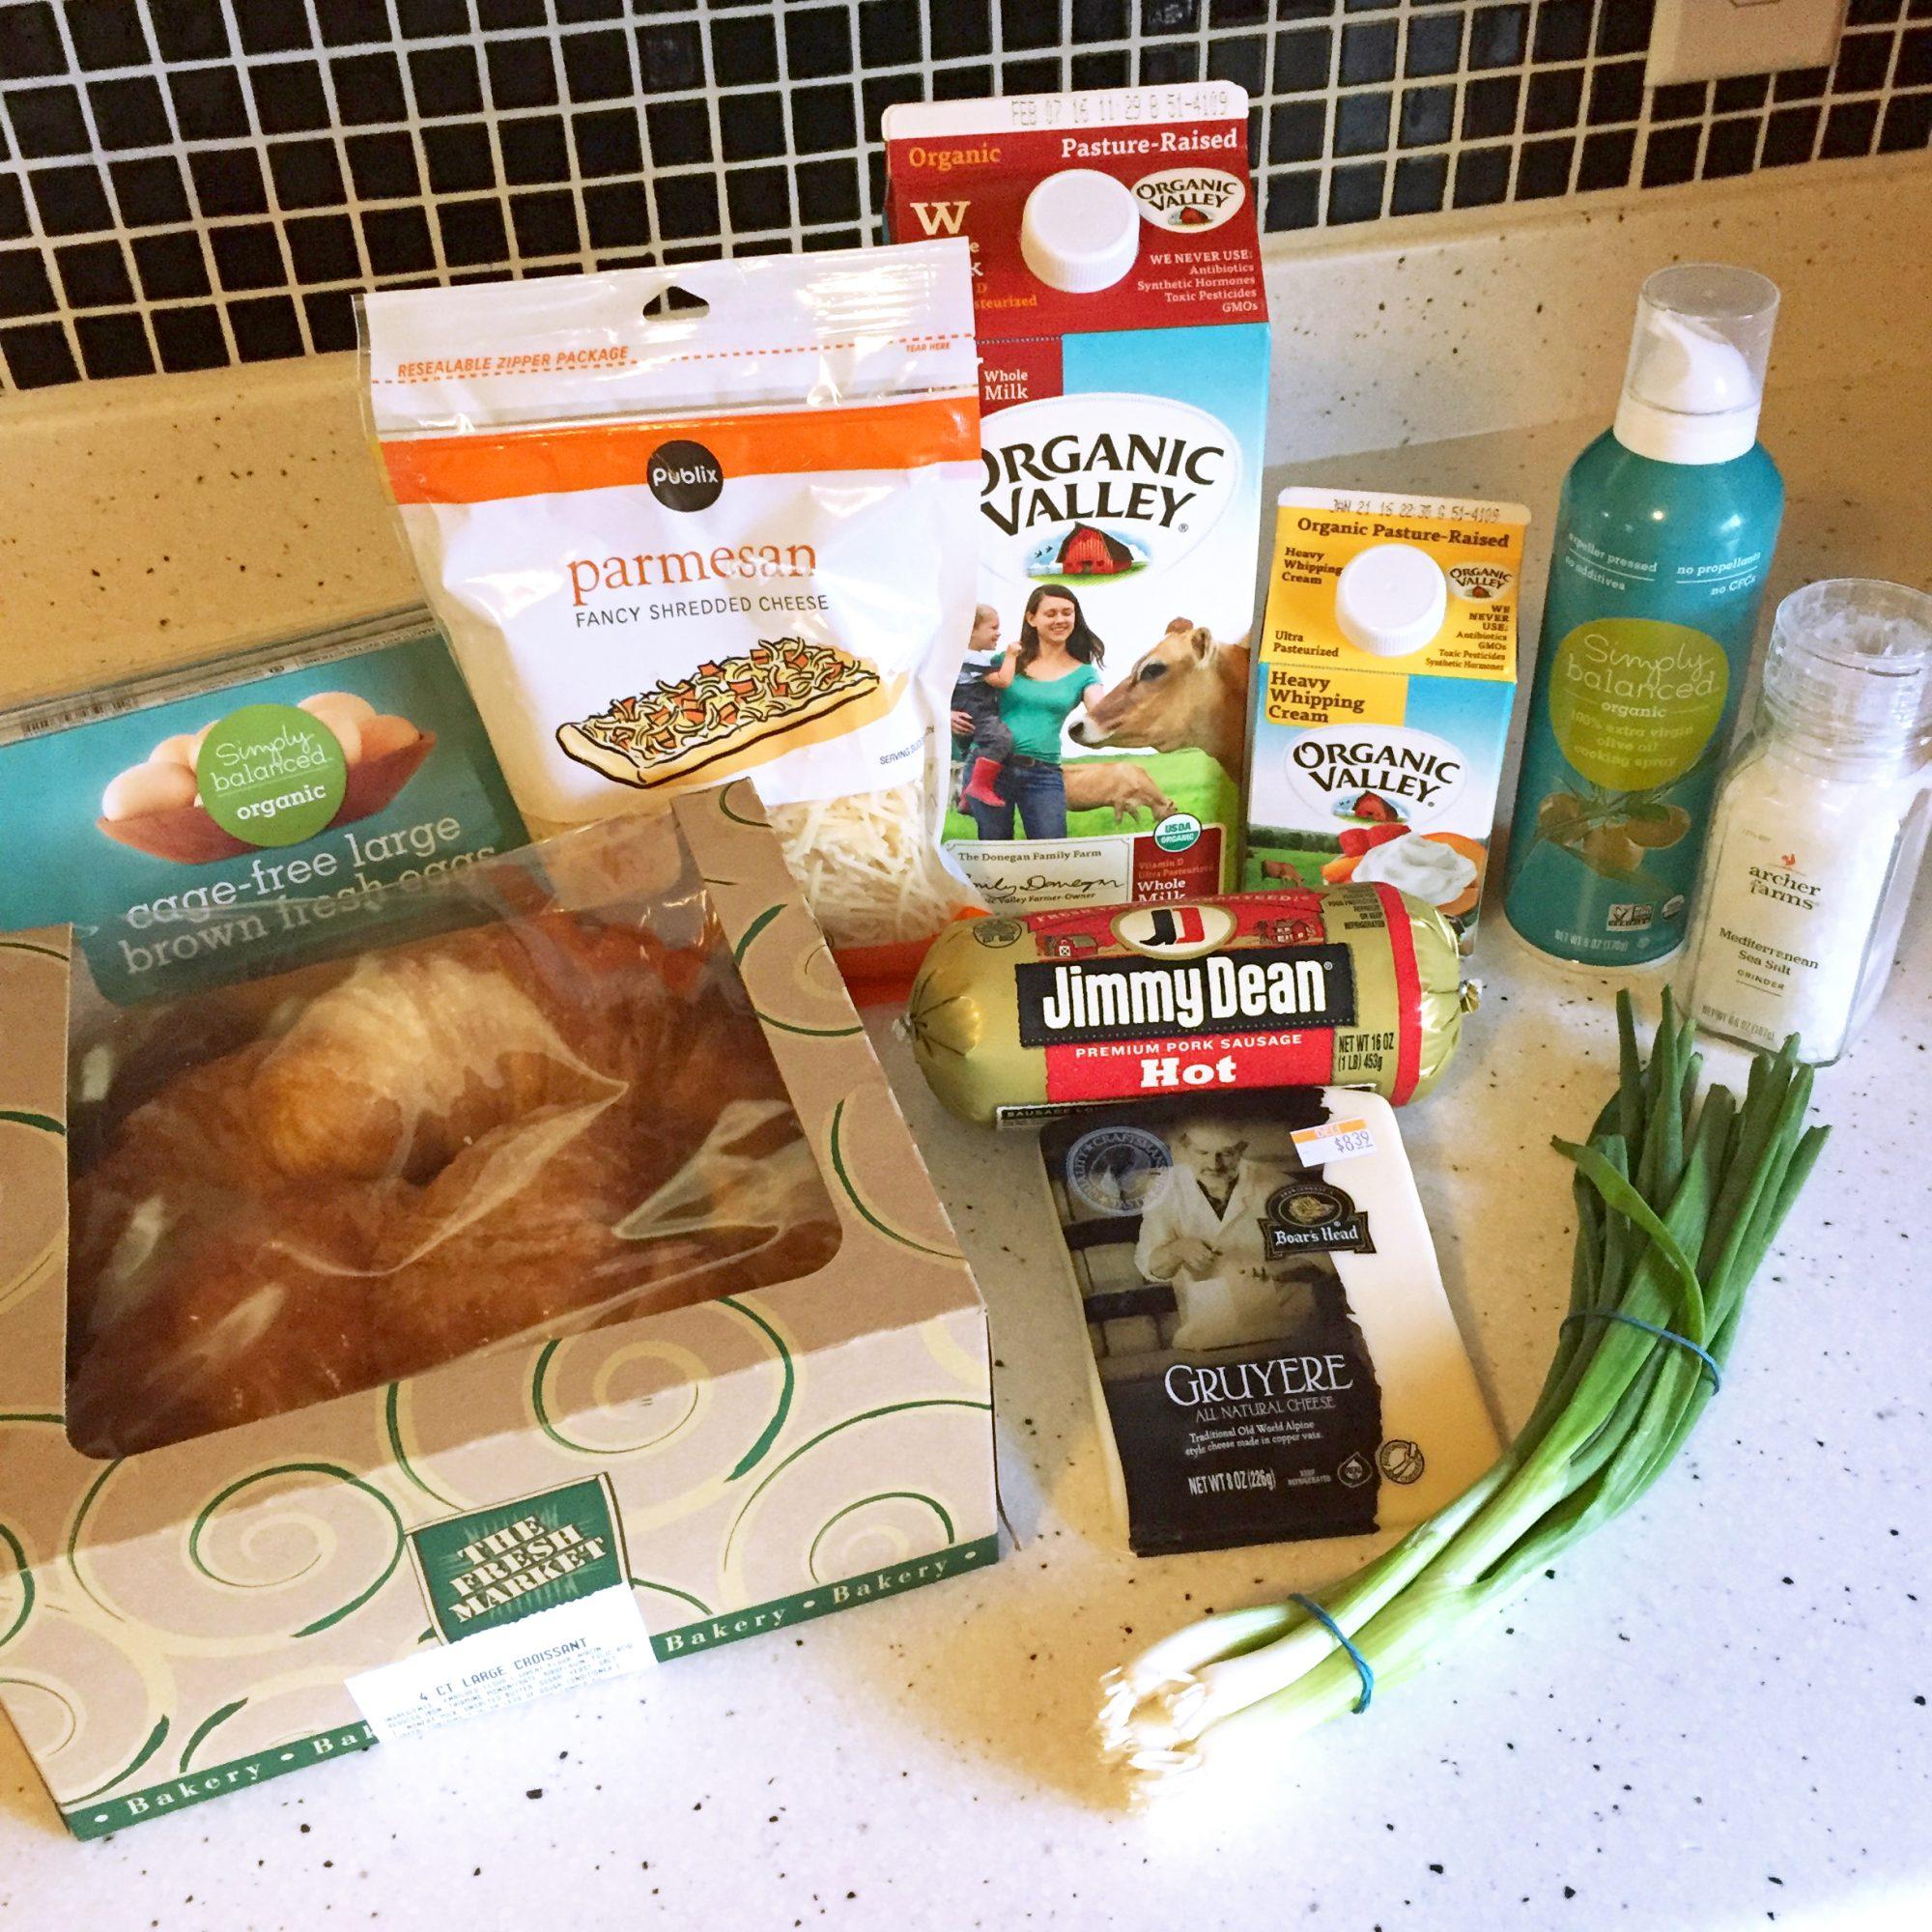 breakfast-casserole-ingredients.jpg